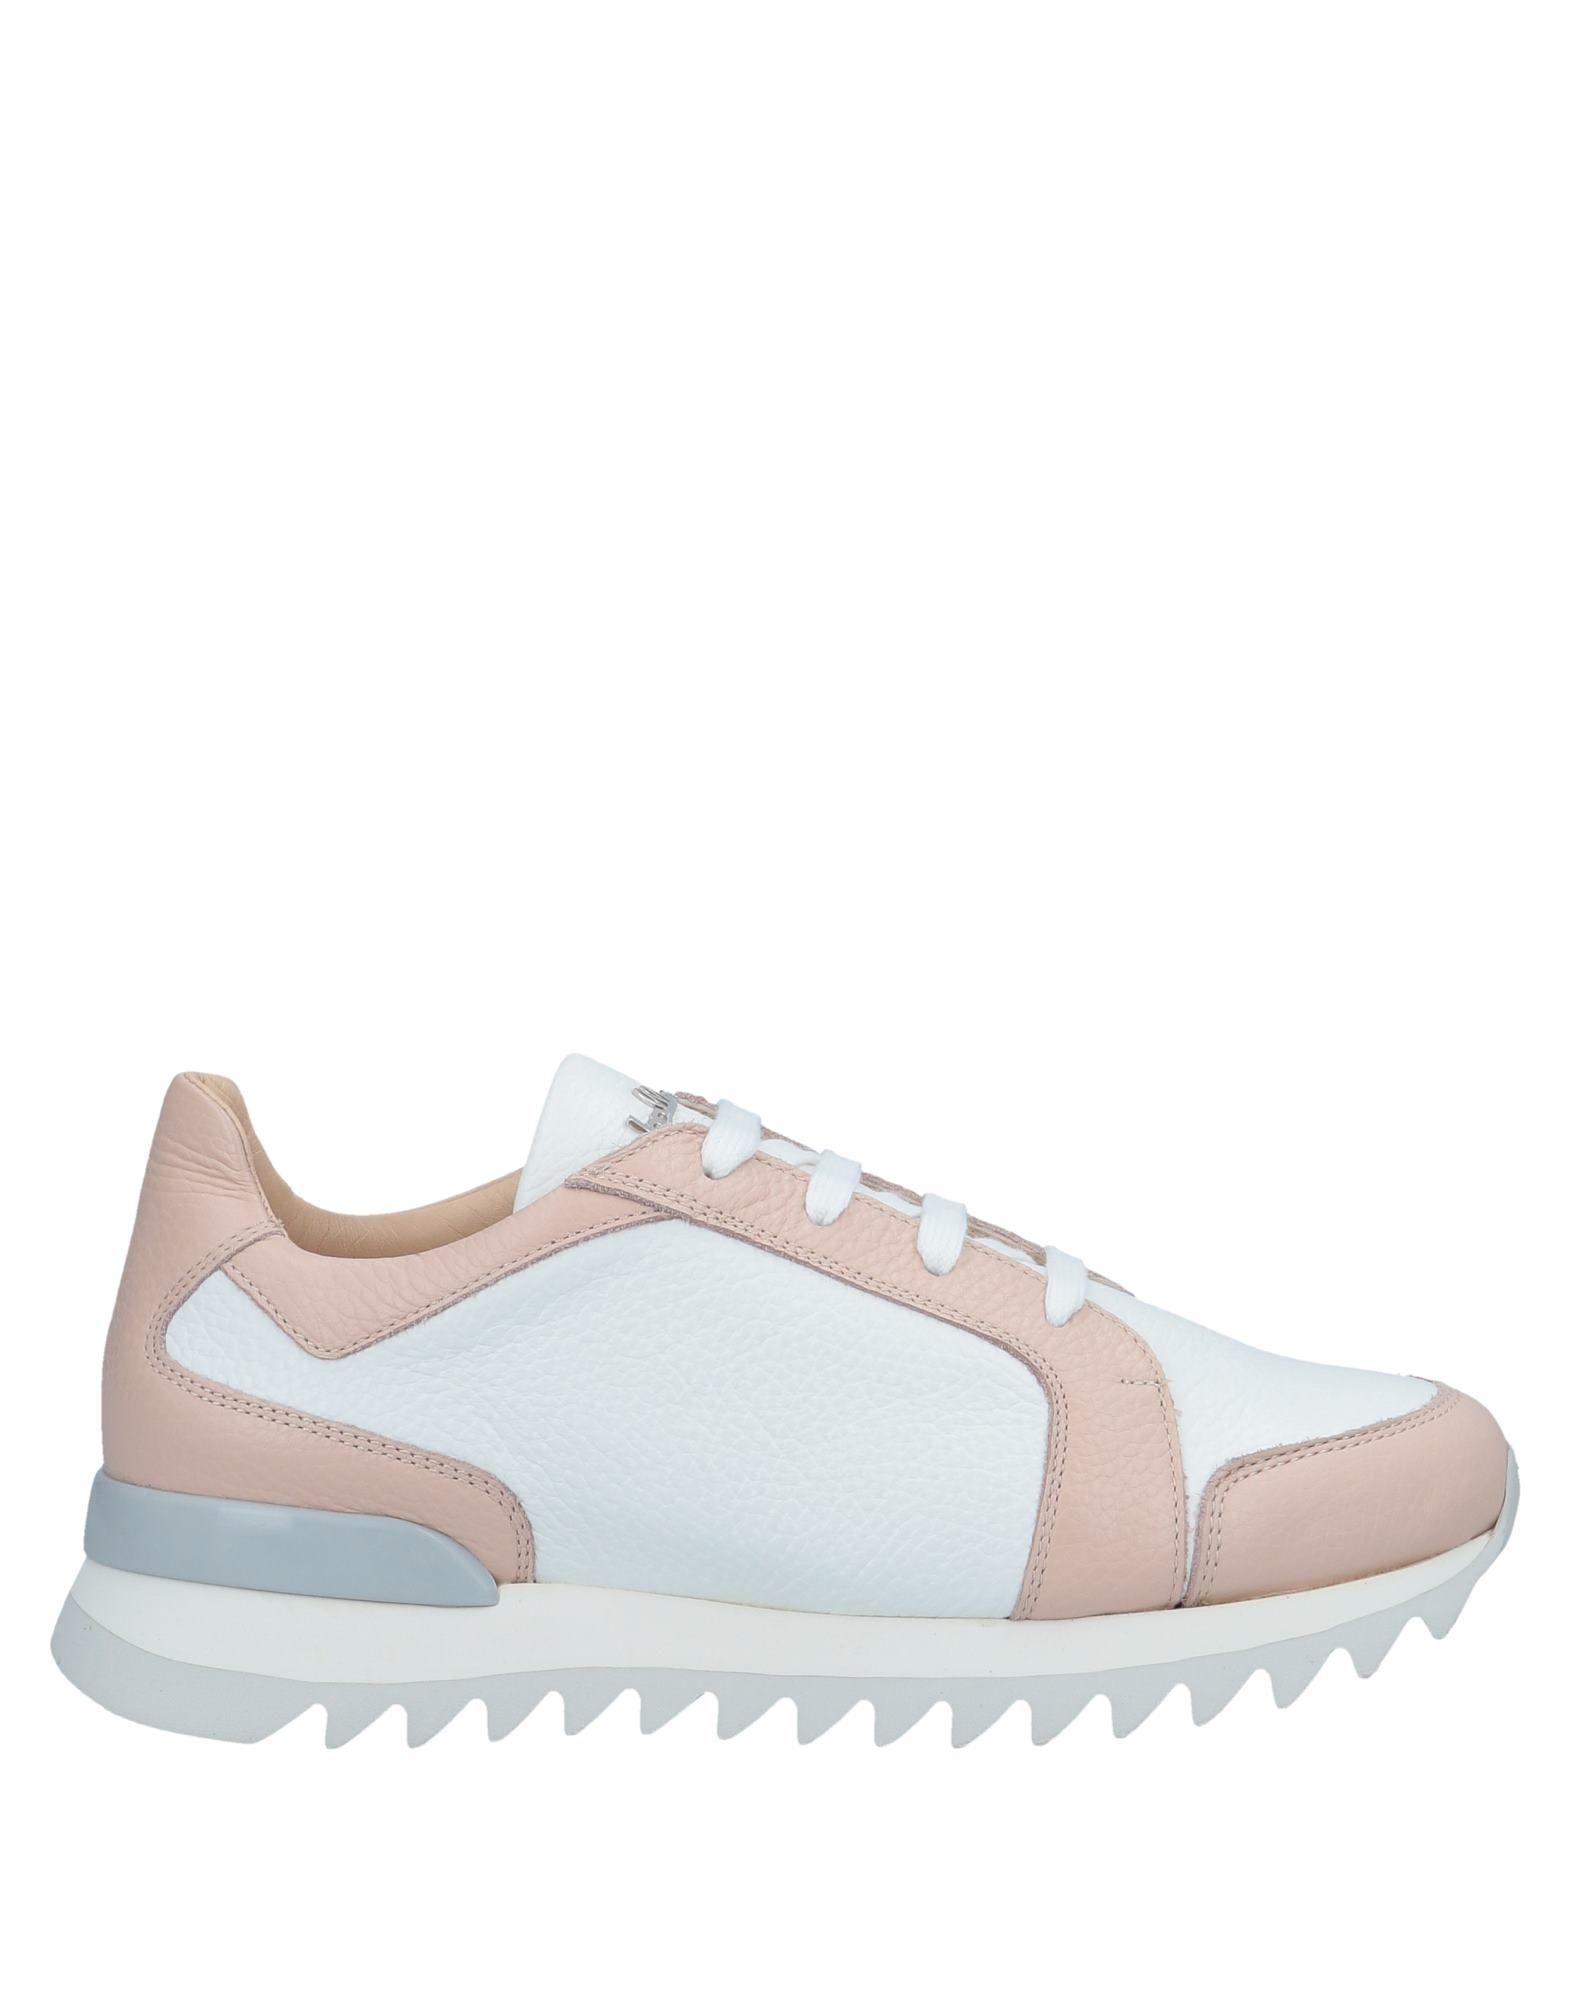 Ballin Sneakers United - Women Ballin Sneakers online on  United Sneakers Kingdom - 11556377IW 9a6115